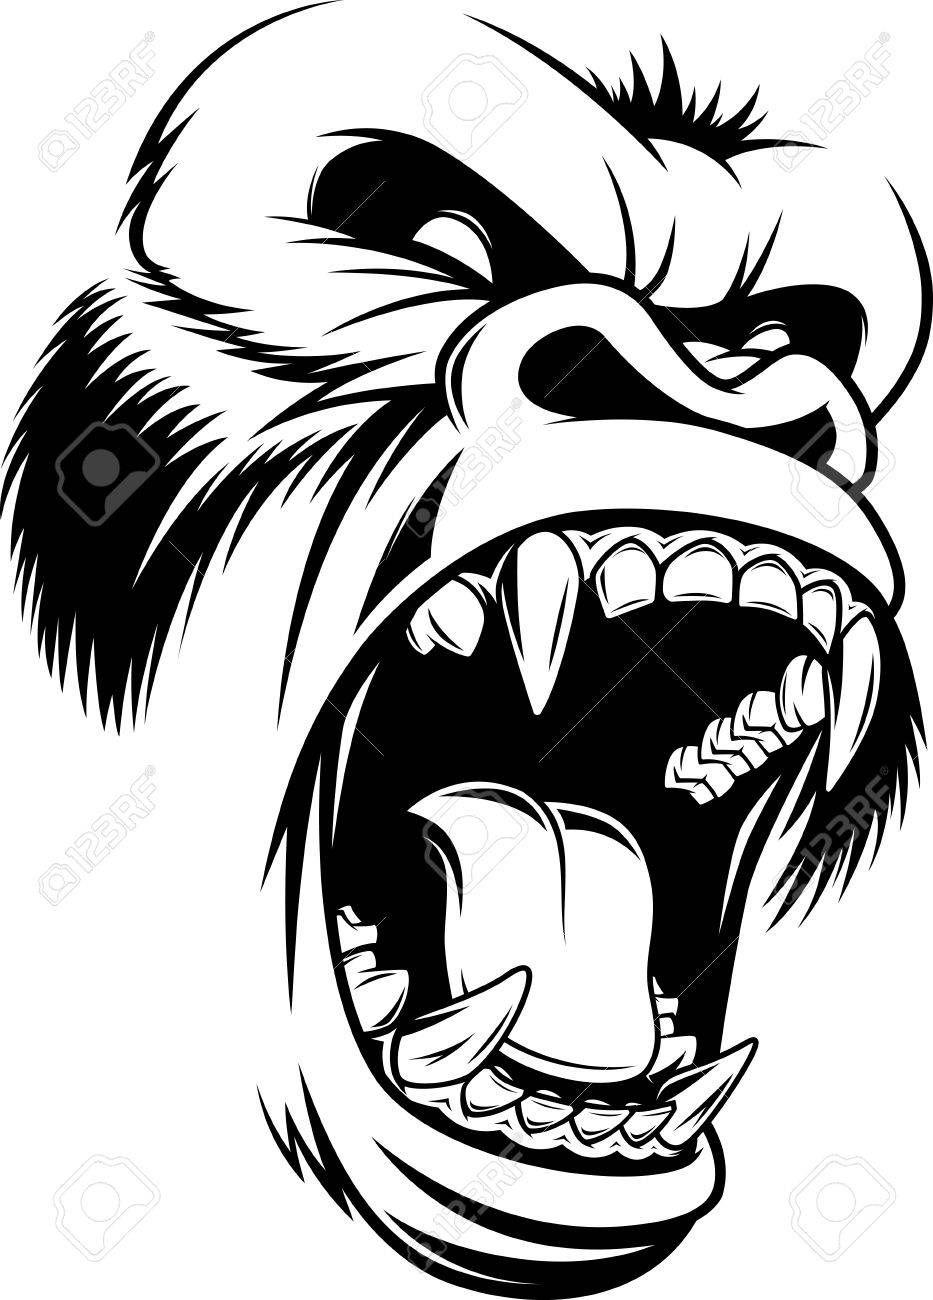 Tattoo Design Illustration Ferocious Gorilla Head On A White Background Dessin Gorille Dessin Graffiti Dessin